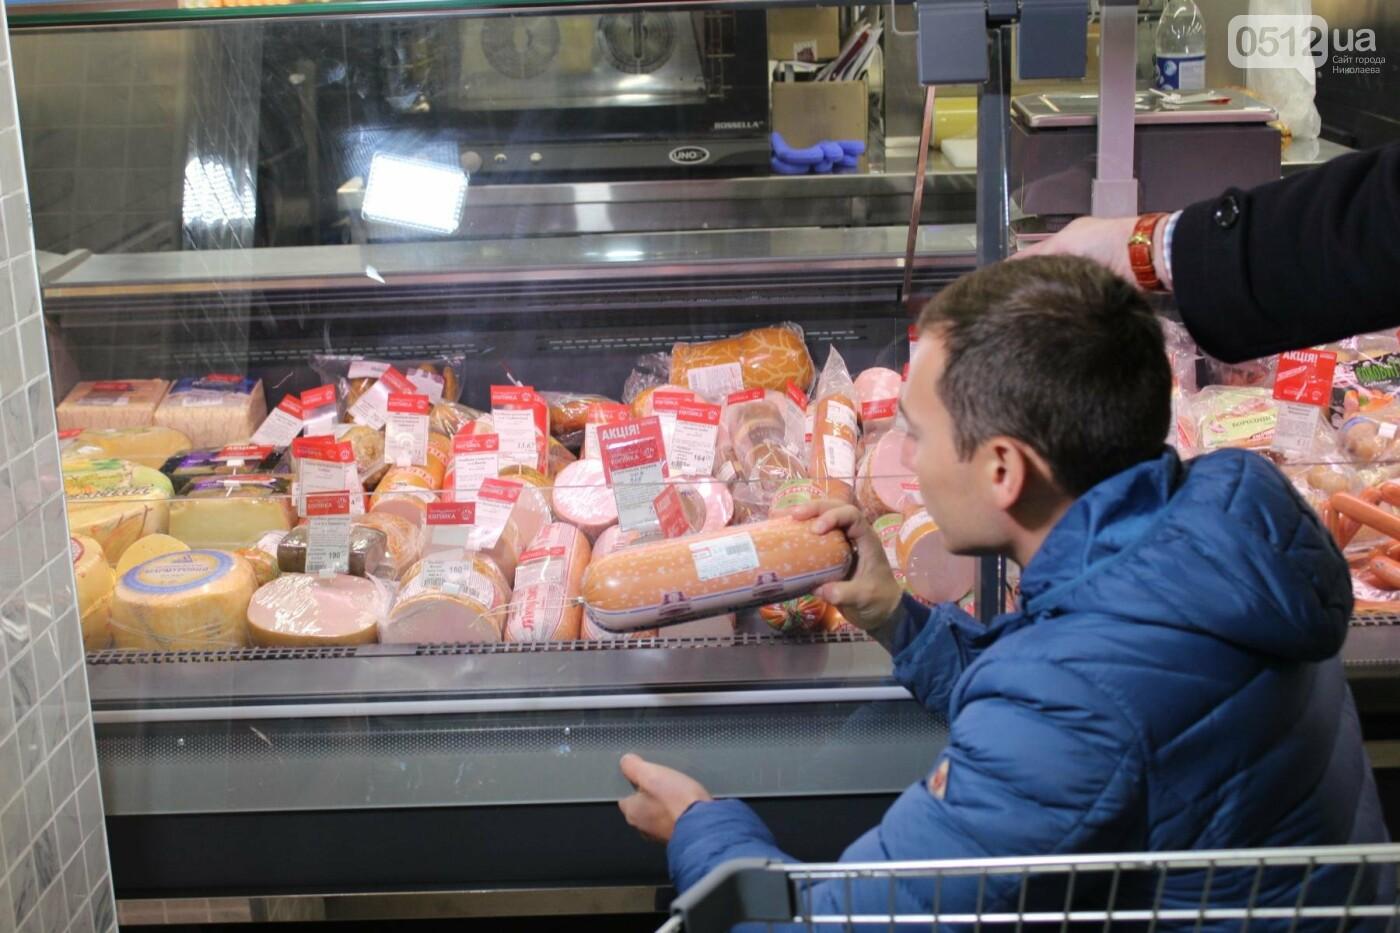 Проверка в супермаркетах: как николаевцам подсовывают испорченный товар (ФОТОРЕПОРТАЖ, ВИДЕО), фото-11